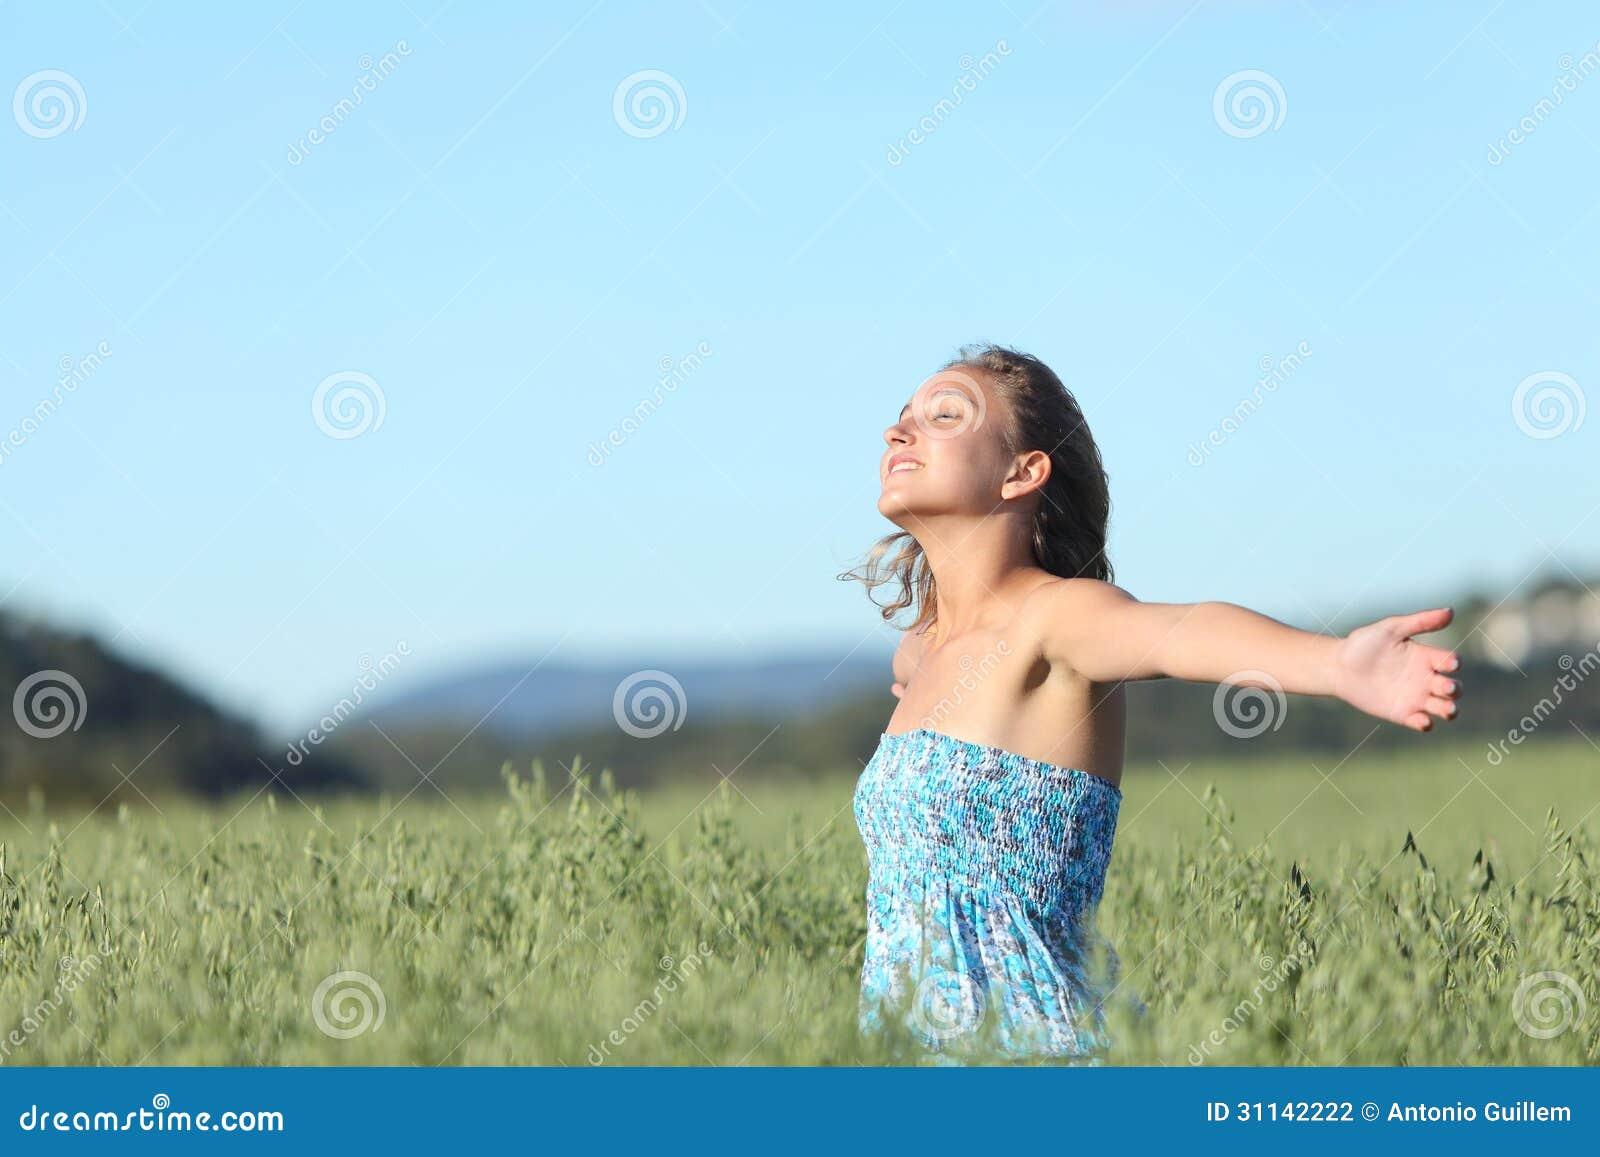 Mooie vrouw ademhaling gelukkig met opgeheven wapens in een groene haverweide